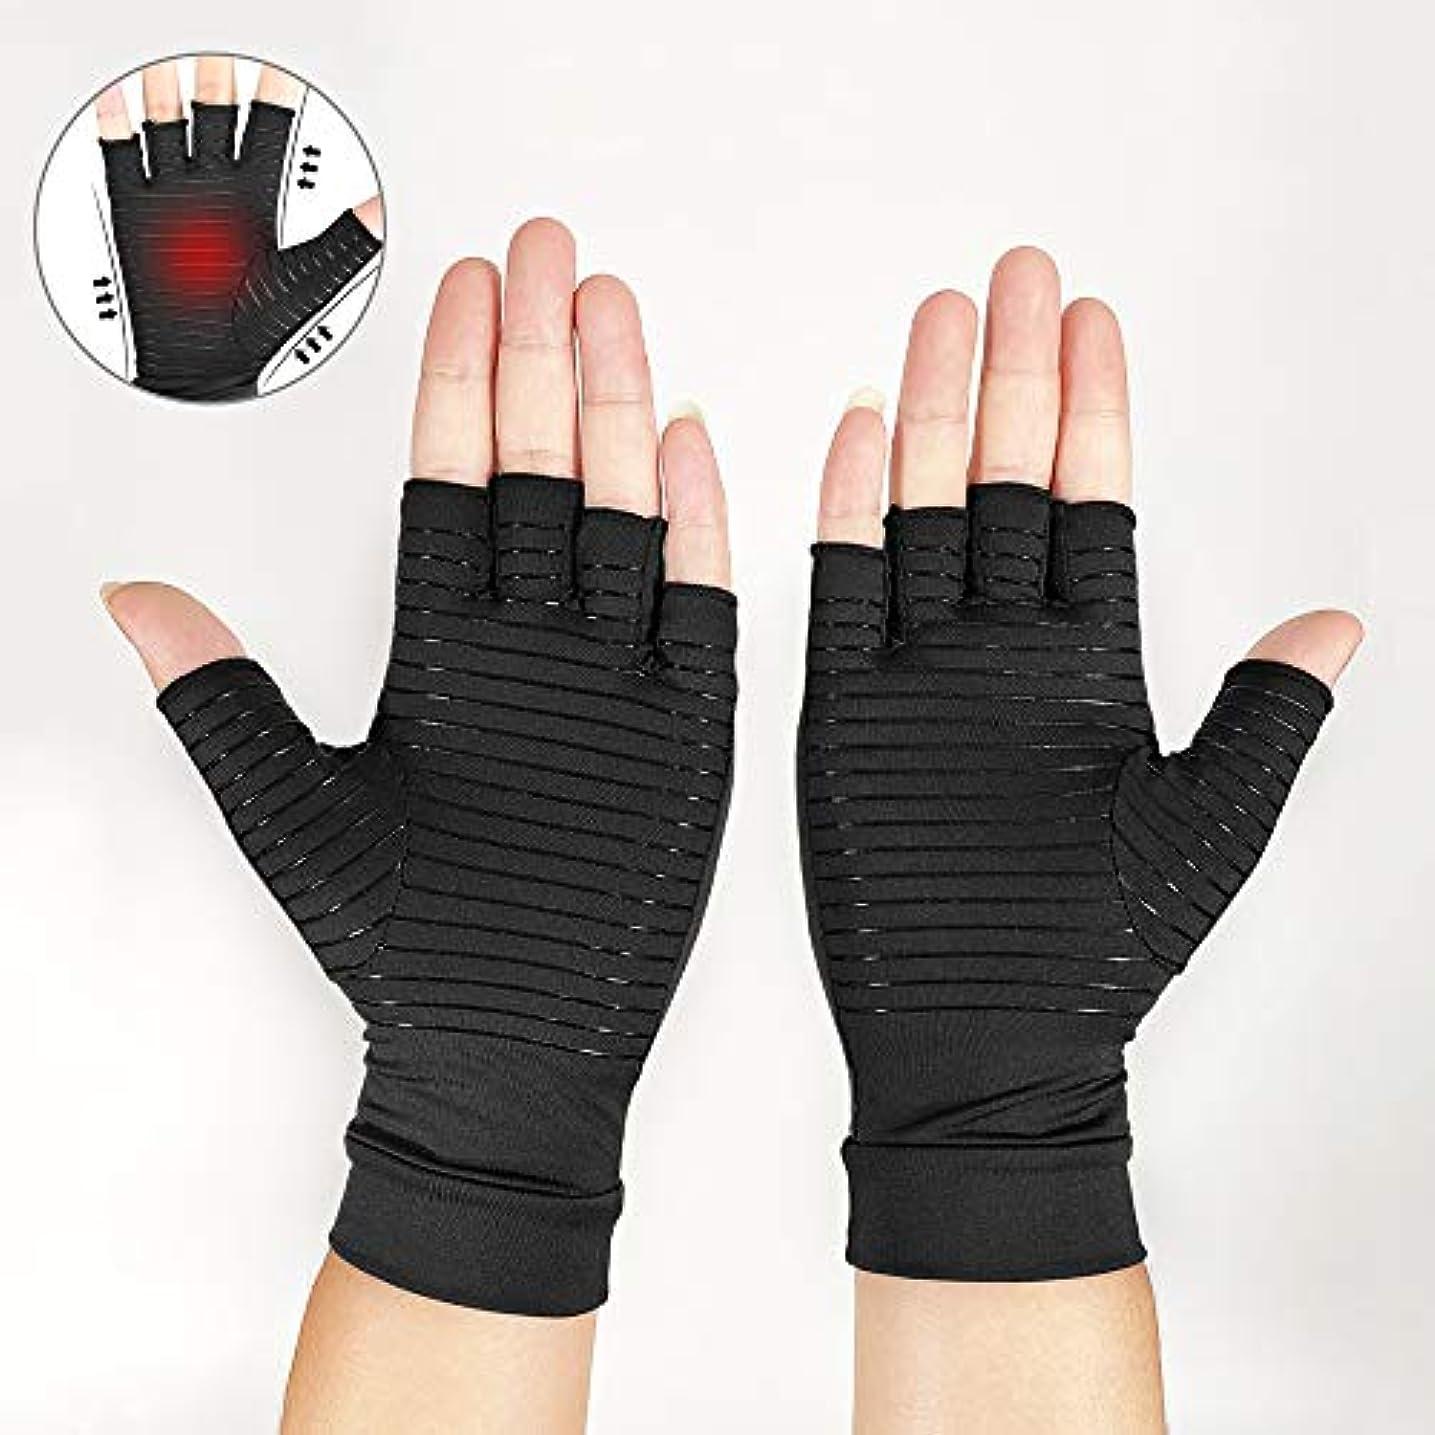 有効八百屋薄汚い銅圧縮関節炎手袋、圧縮関節炎グローブ 手根管、コンピューター入力、および毎日の関節炎の痛みの軽減のサポート(2個)